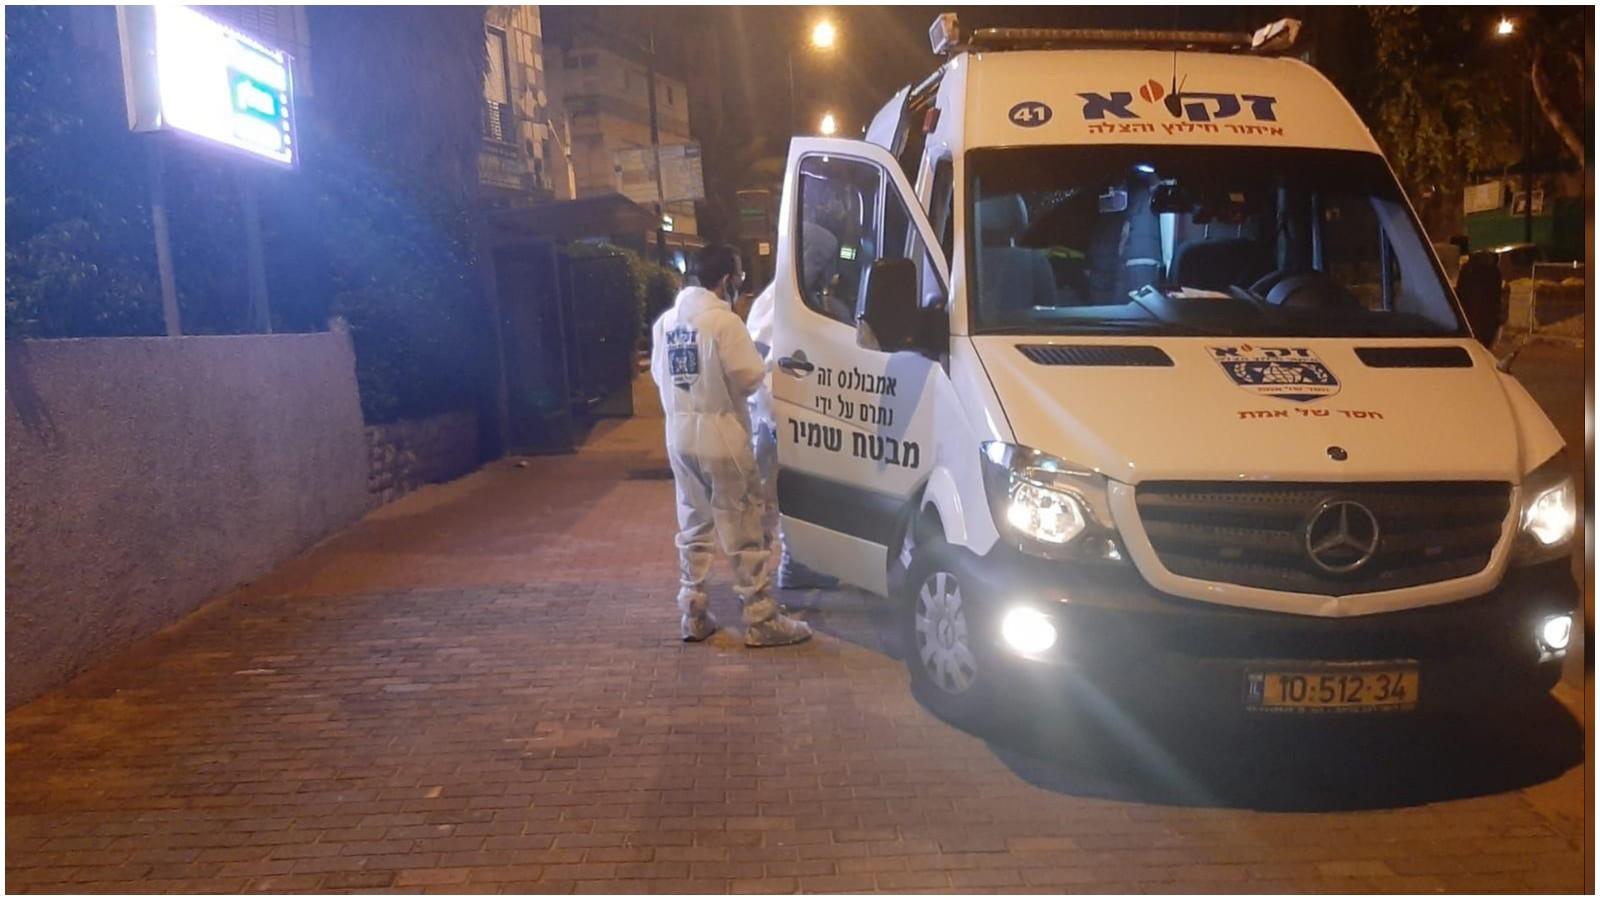 """גופת גבר כבן 50 נמצאה במצב ריקבון ביחידת דיור ברחוב וולפסון בעיר. צילום זק""""א"""